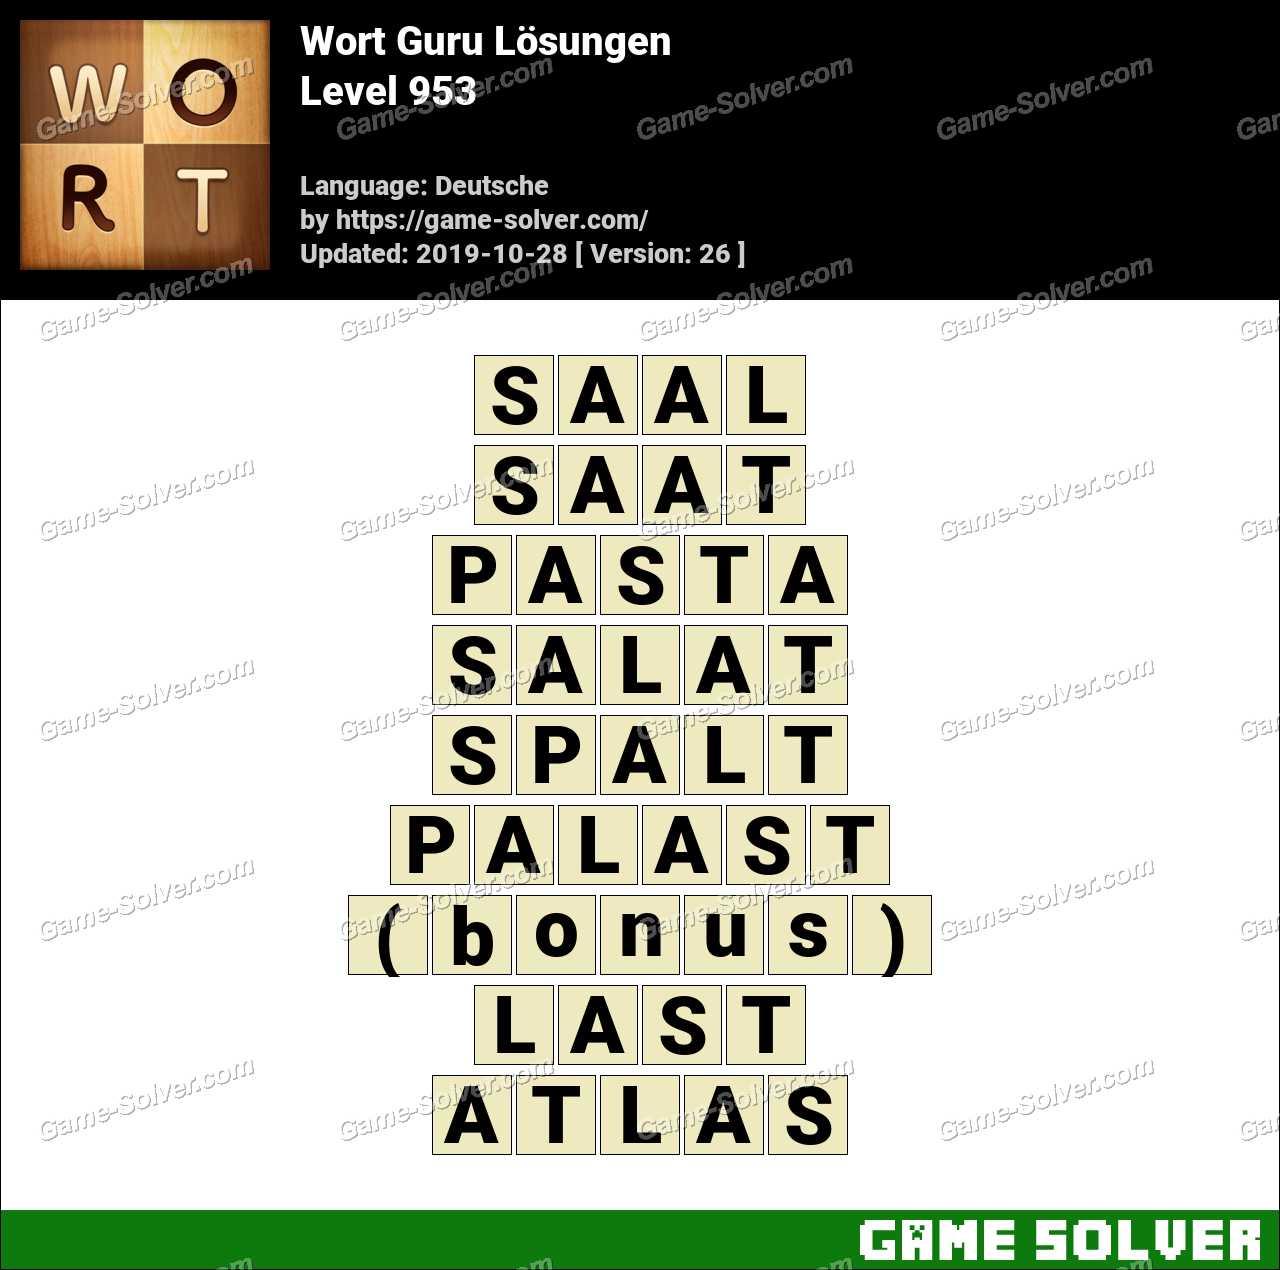 Wort Guru Online